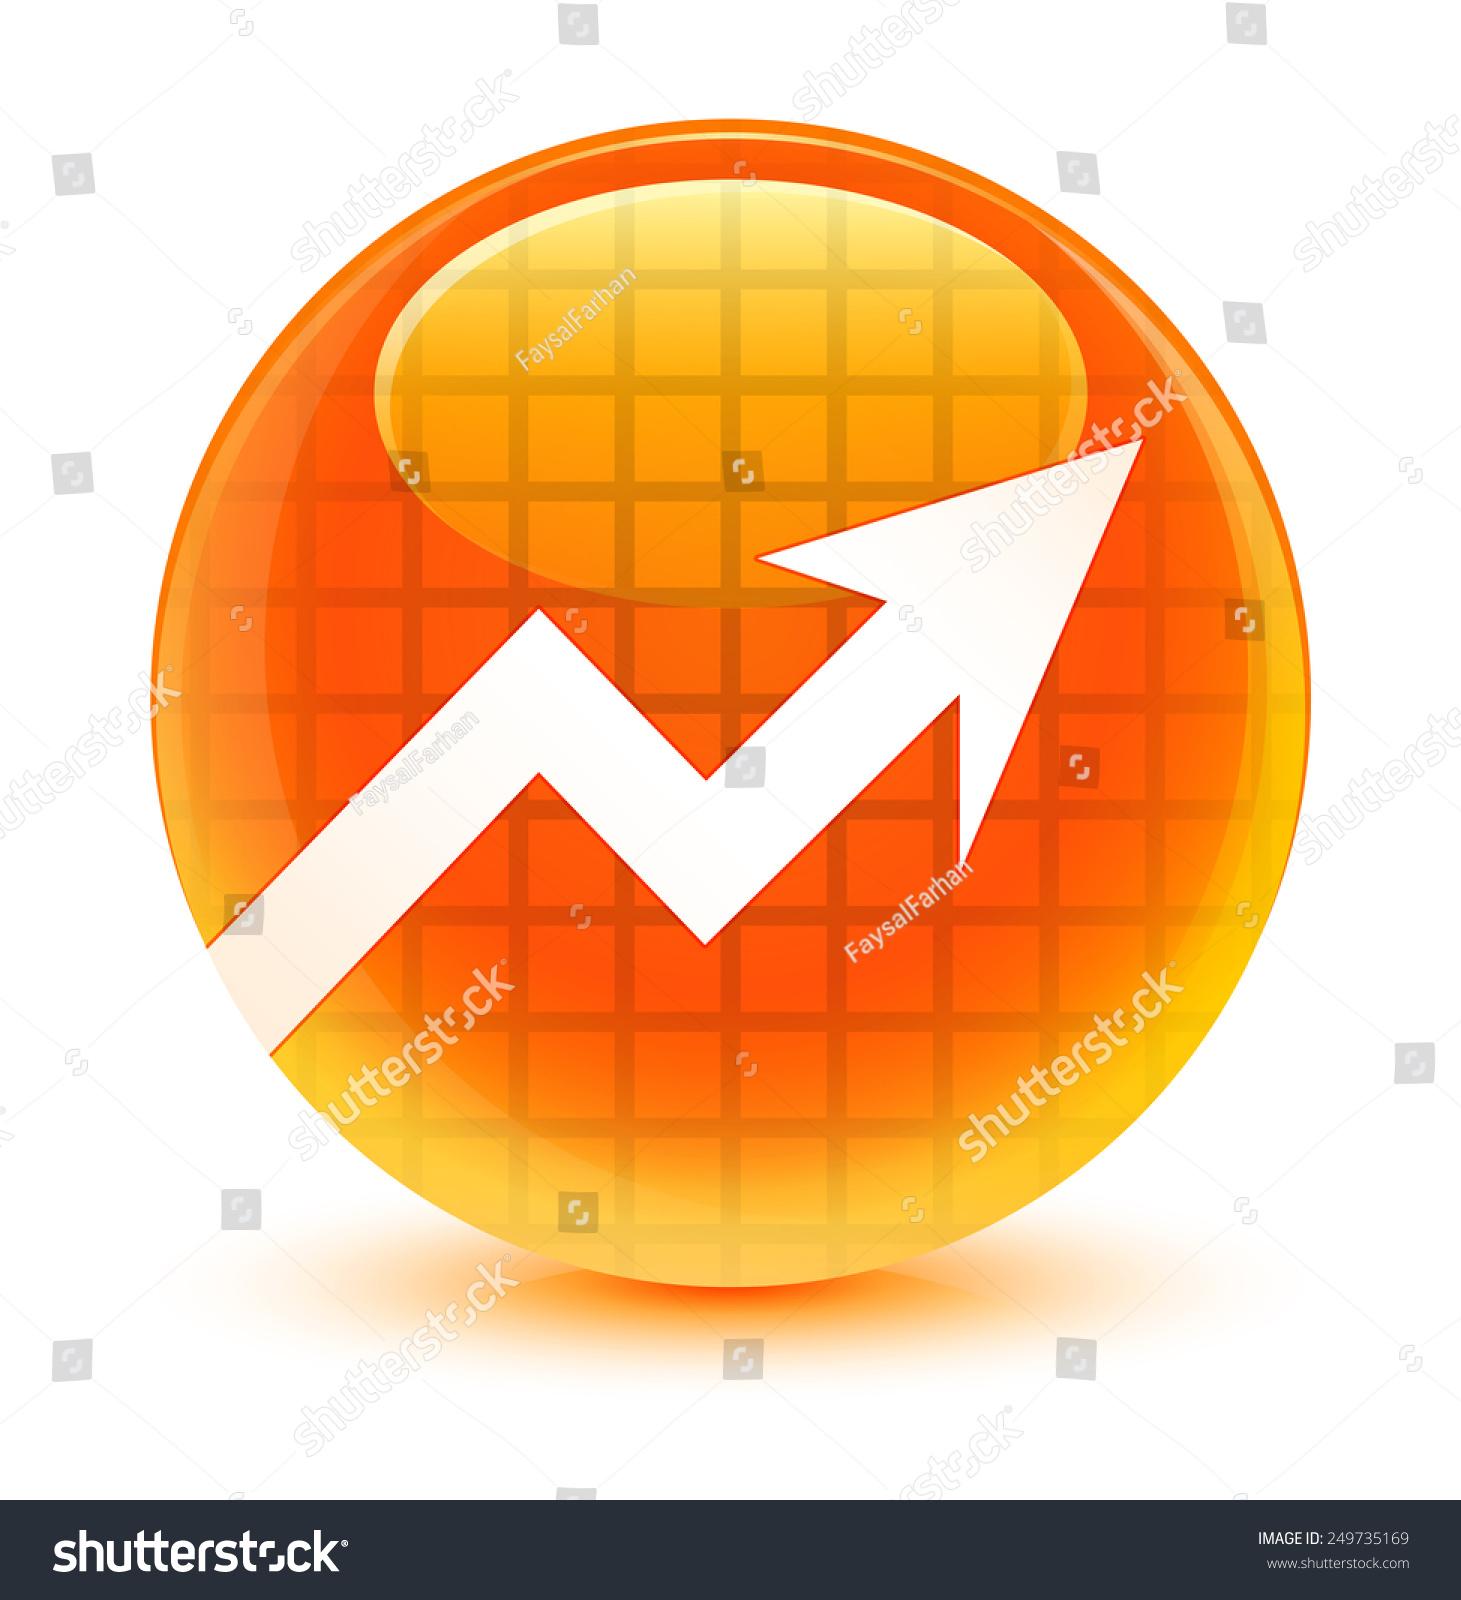 业务图标玻璃橙色按钮-商业/金融,符号/标志-海洛创意